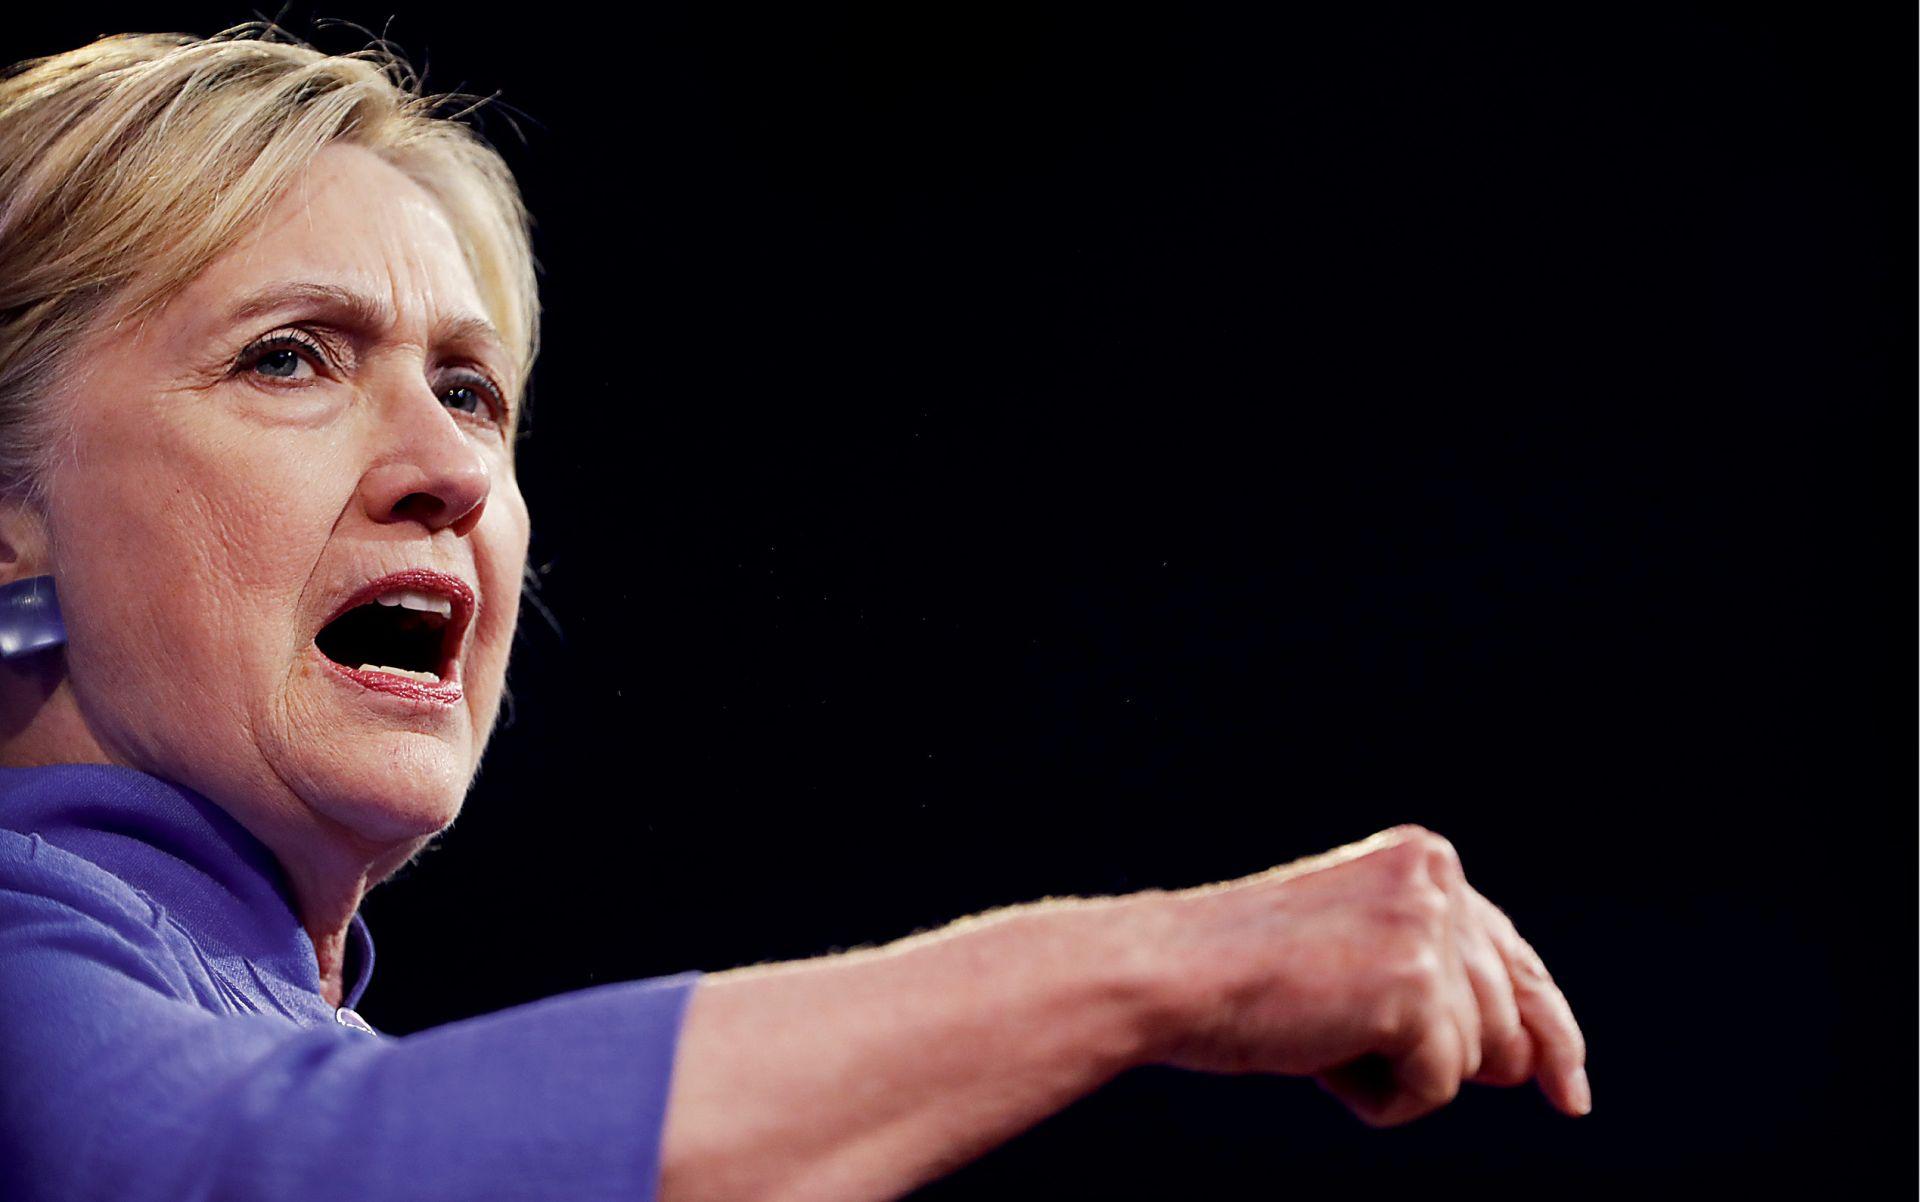 BOLEST IZAZVALA PANIKU: Demokrati traže zamjenu za Hillary Clinton